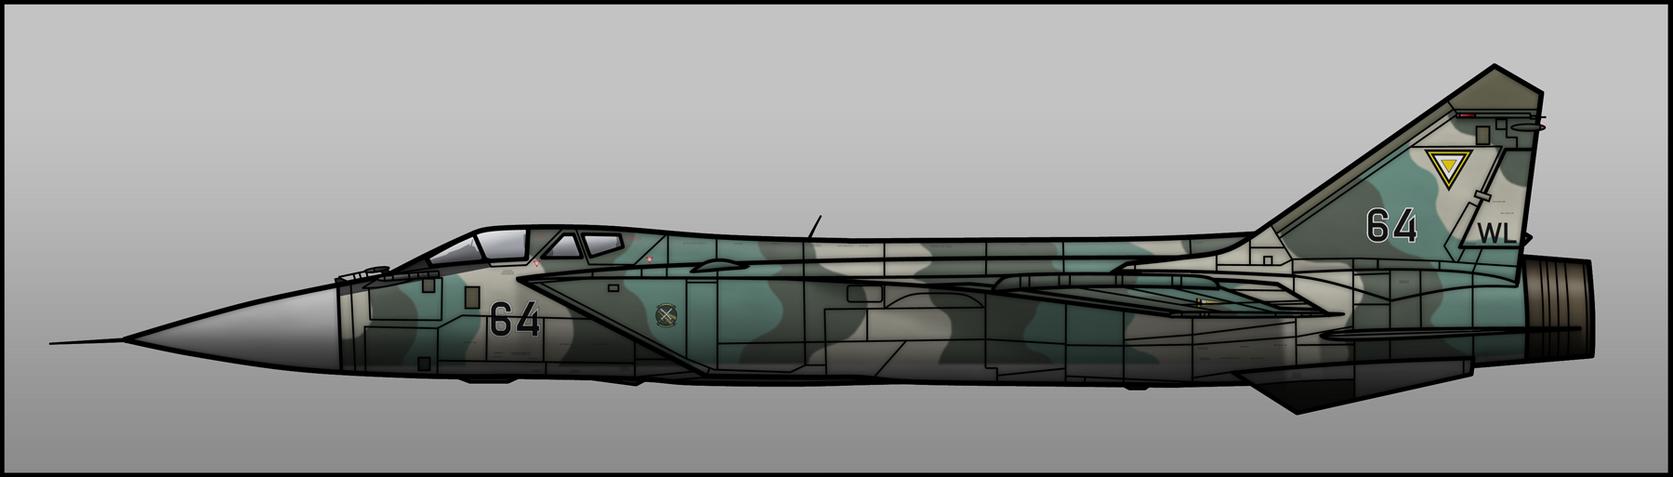 Belkan Foxhound by Jetfreak-7